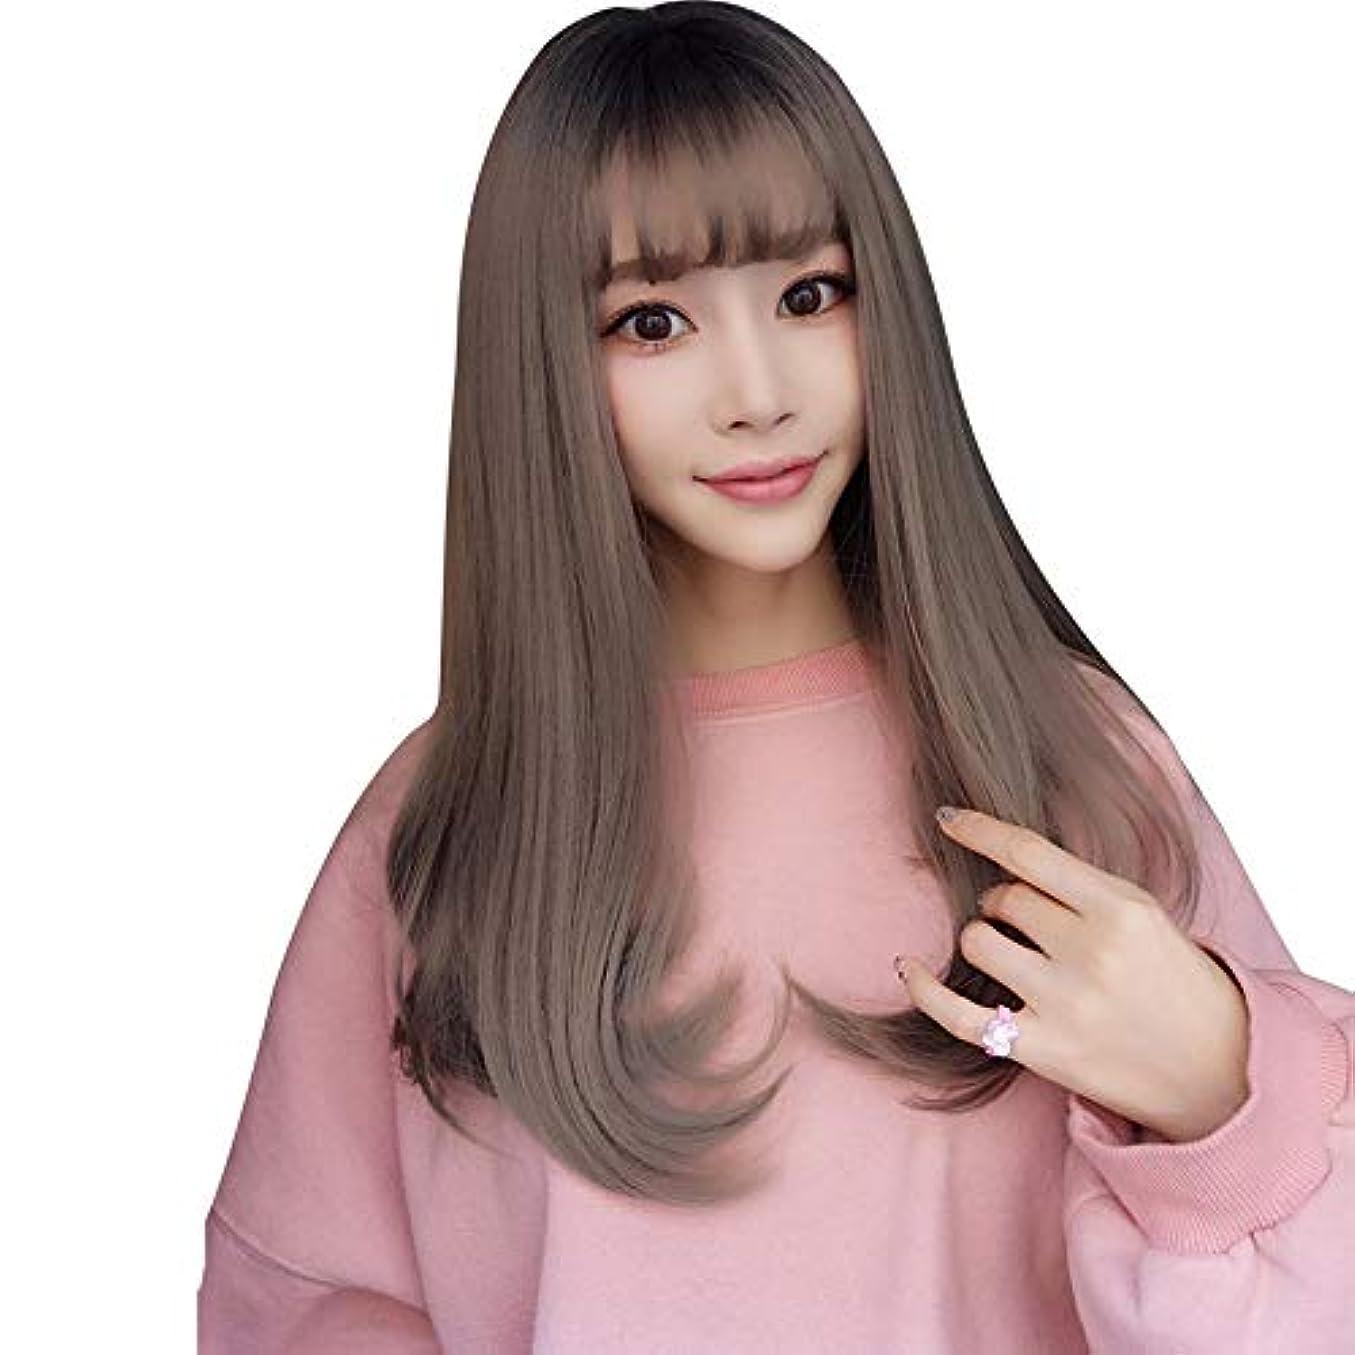 一元化するのためラジエーターSRY-Wigファッション 20 ``長いウェーブのかかった色の髪のファッションかつら白人女性の自然な女性の髪の部分のための耐熱性合成かつら